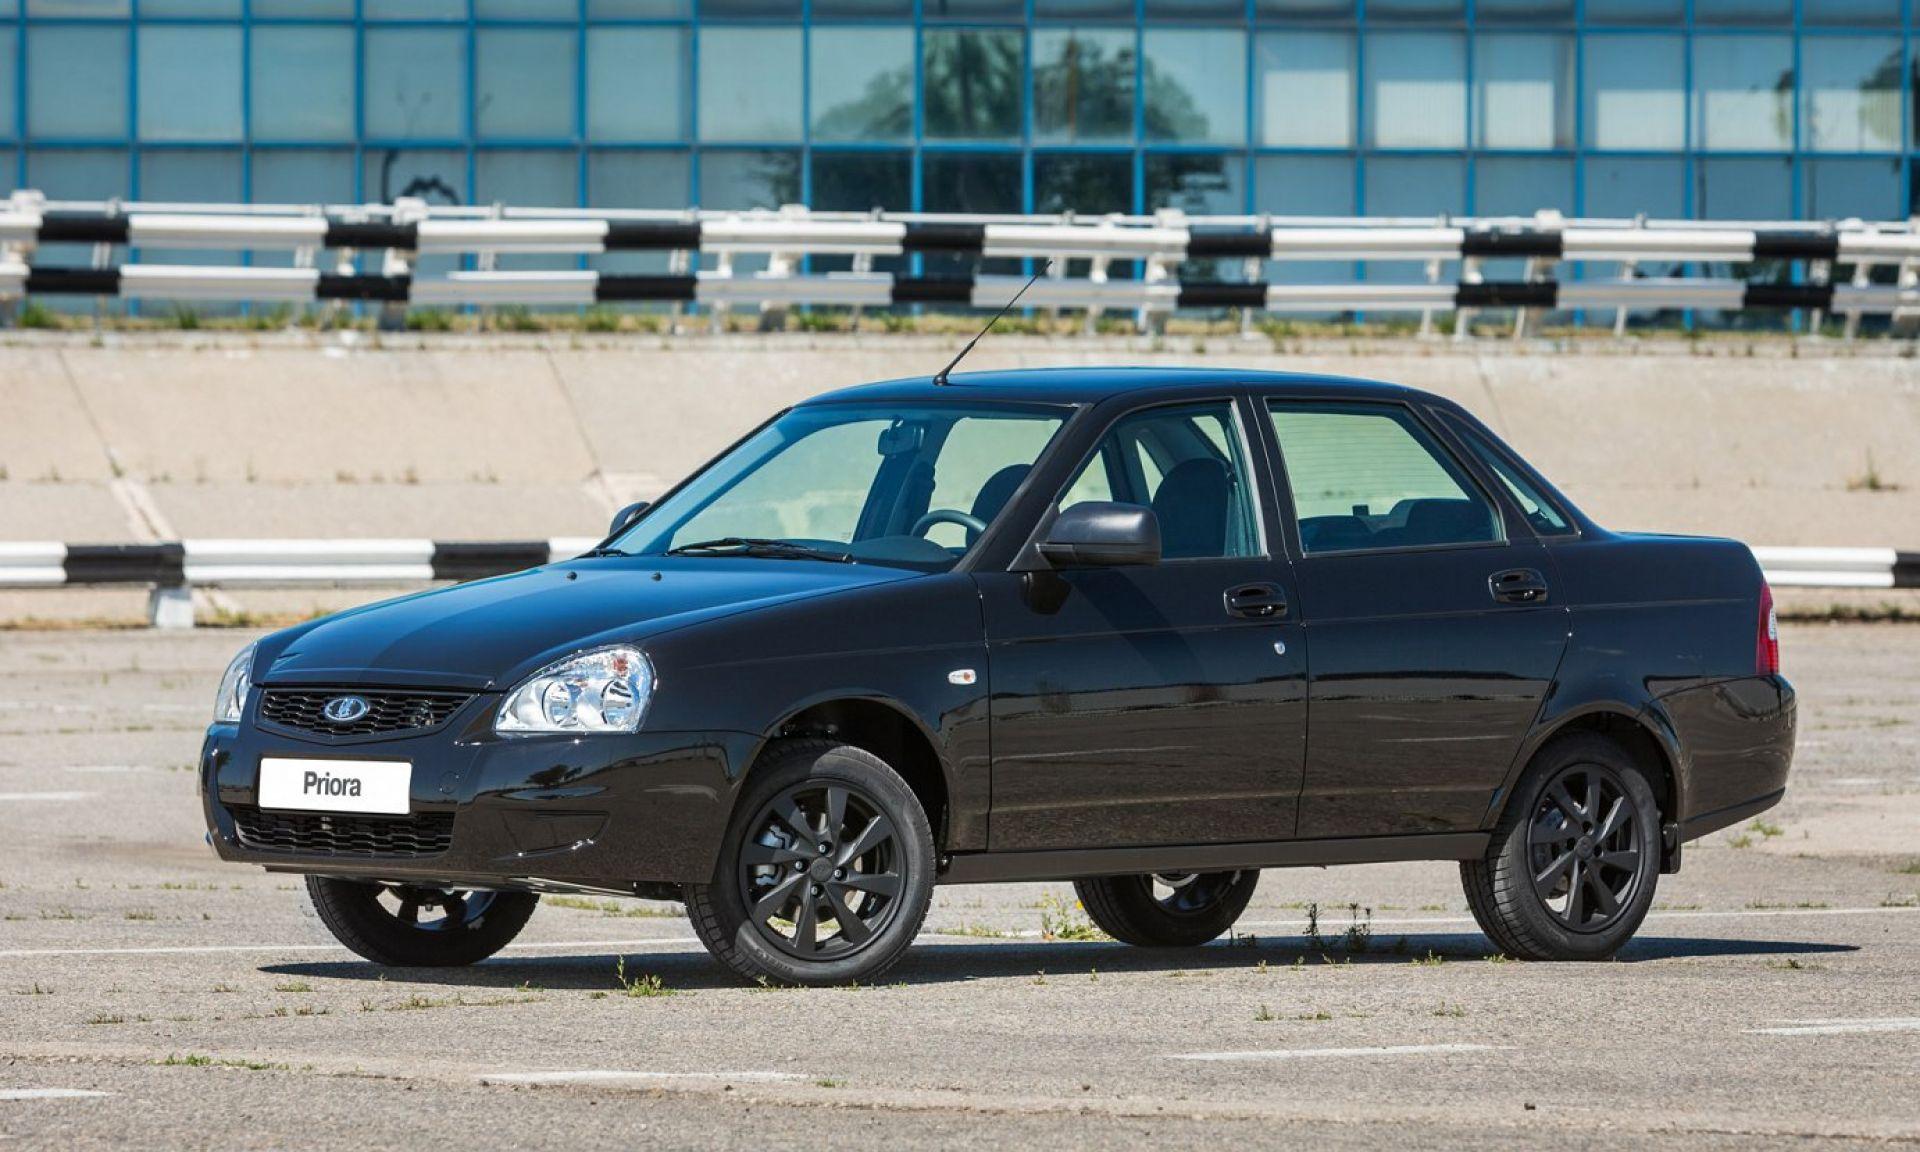 Купить приору в москве а автосалоне проданная машина в залоге с птс